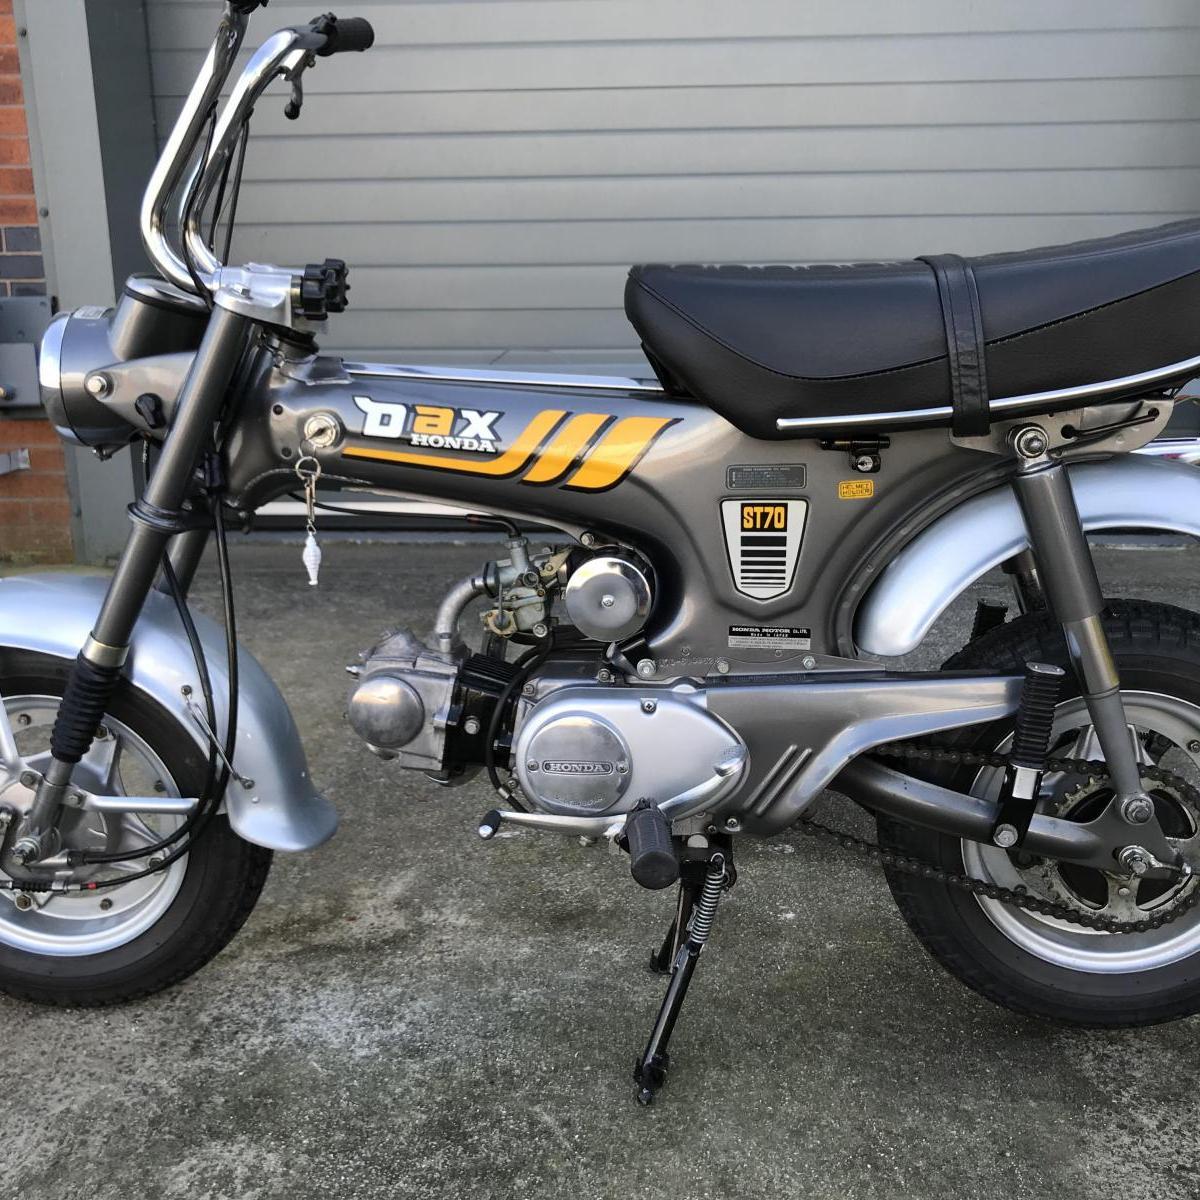 Never registered Honda ST70 Dax 1977